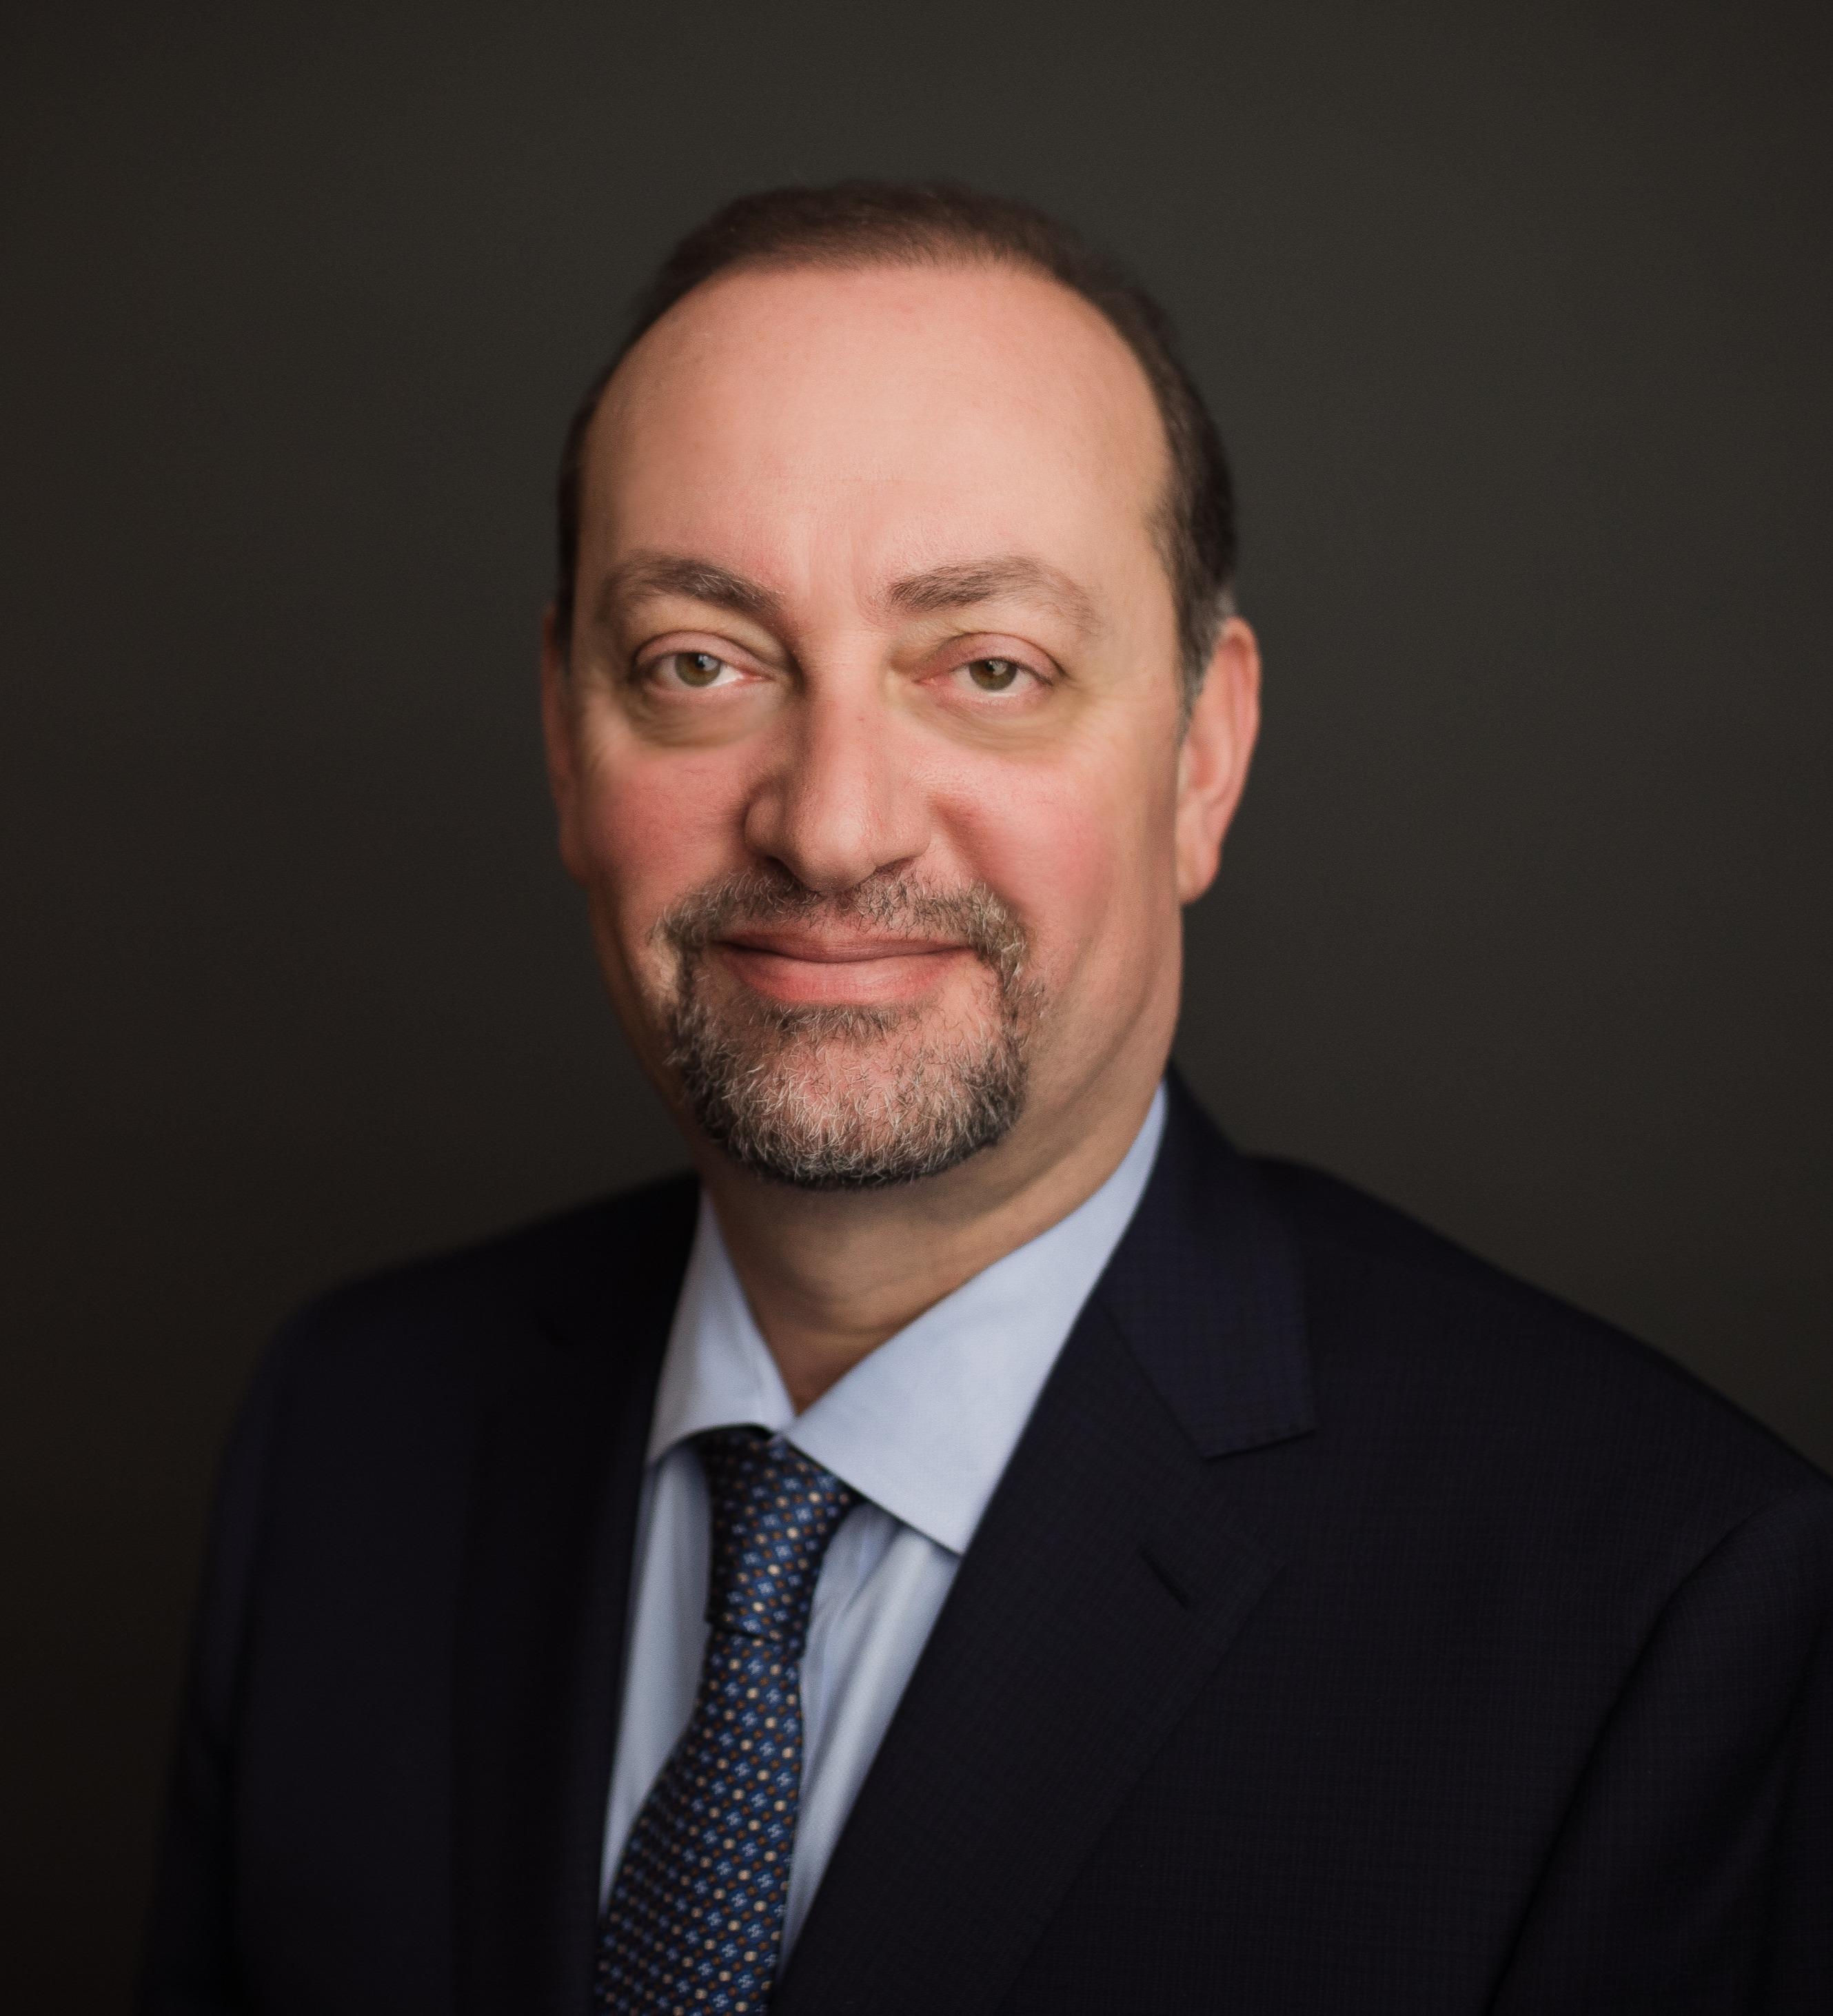 Alberto R. Nestico